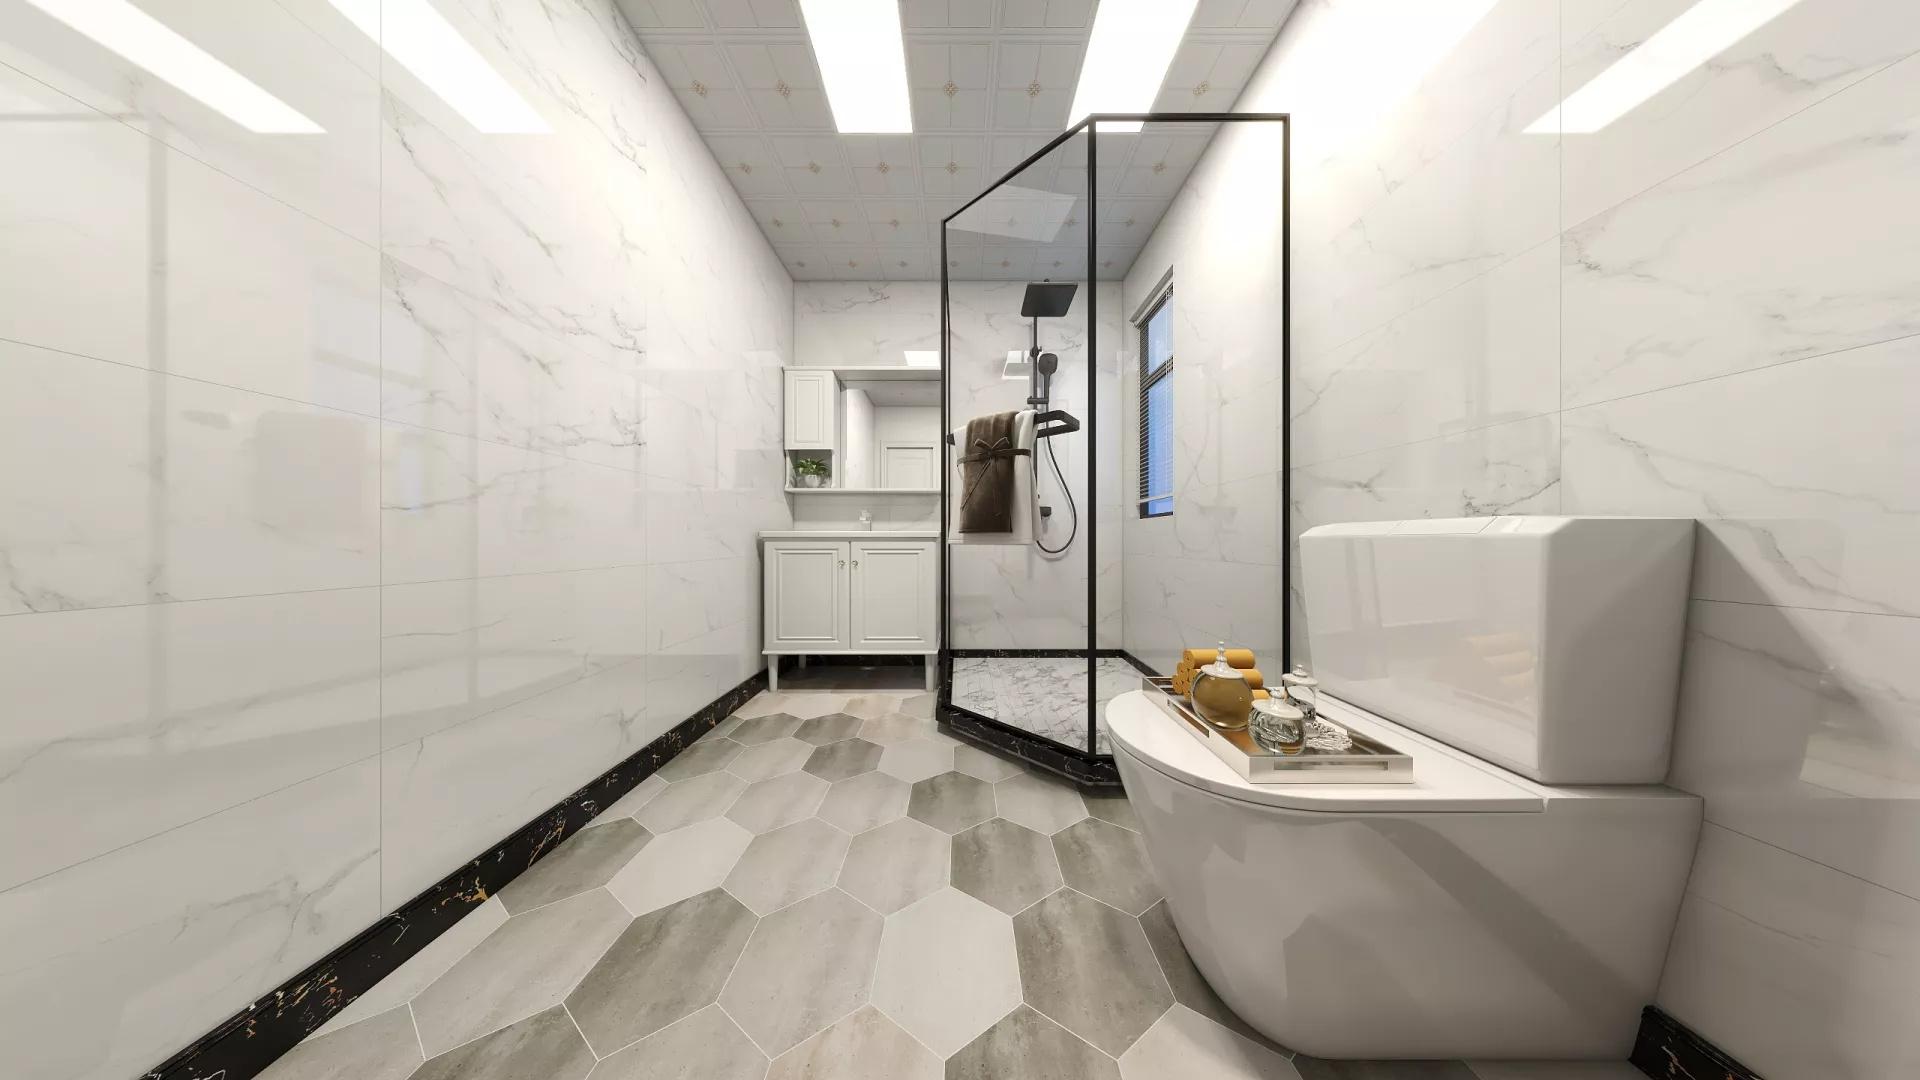 客厅如何增加收纳空间 客厅收纳空间介绍